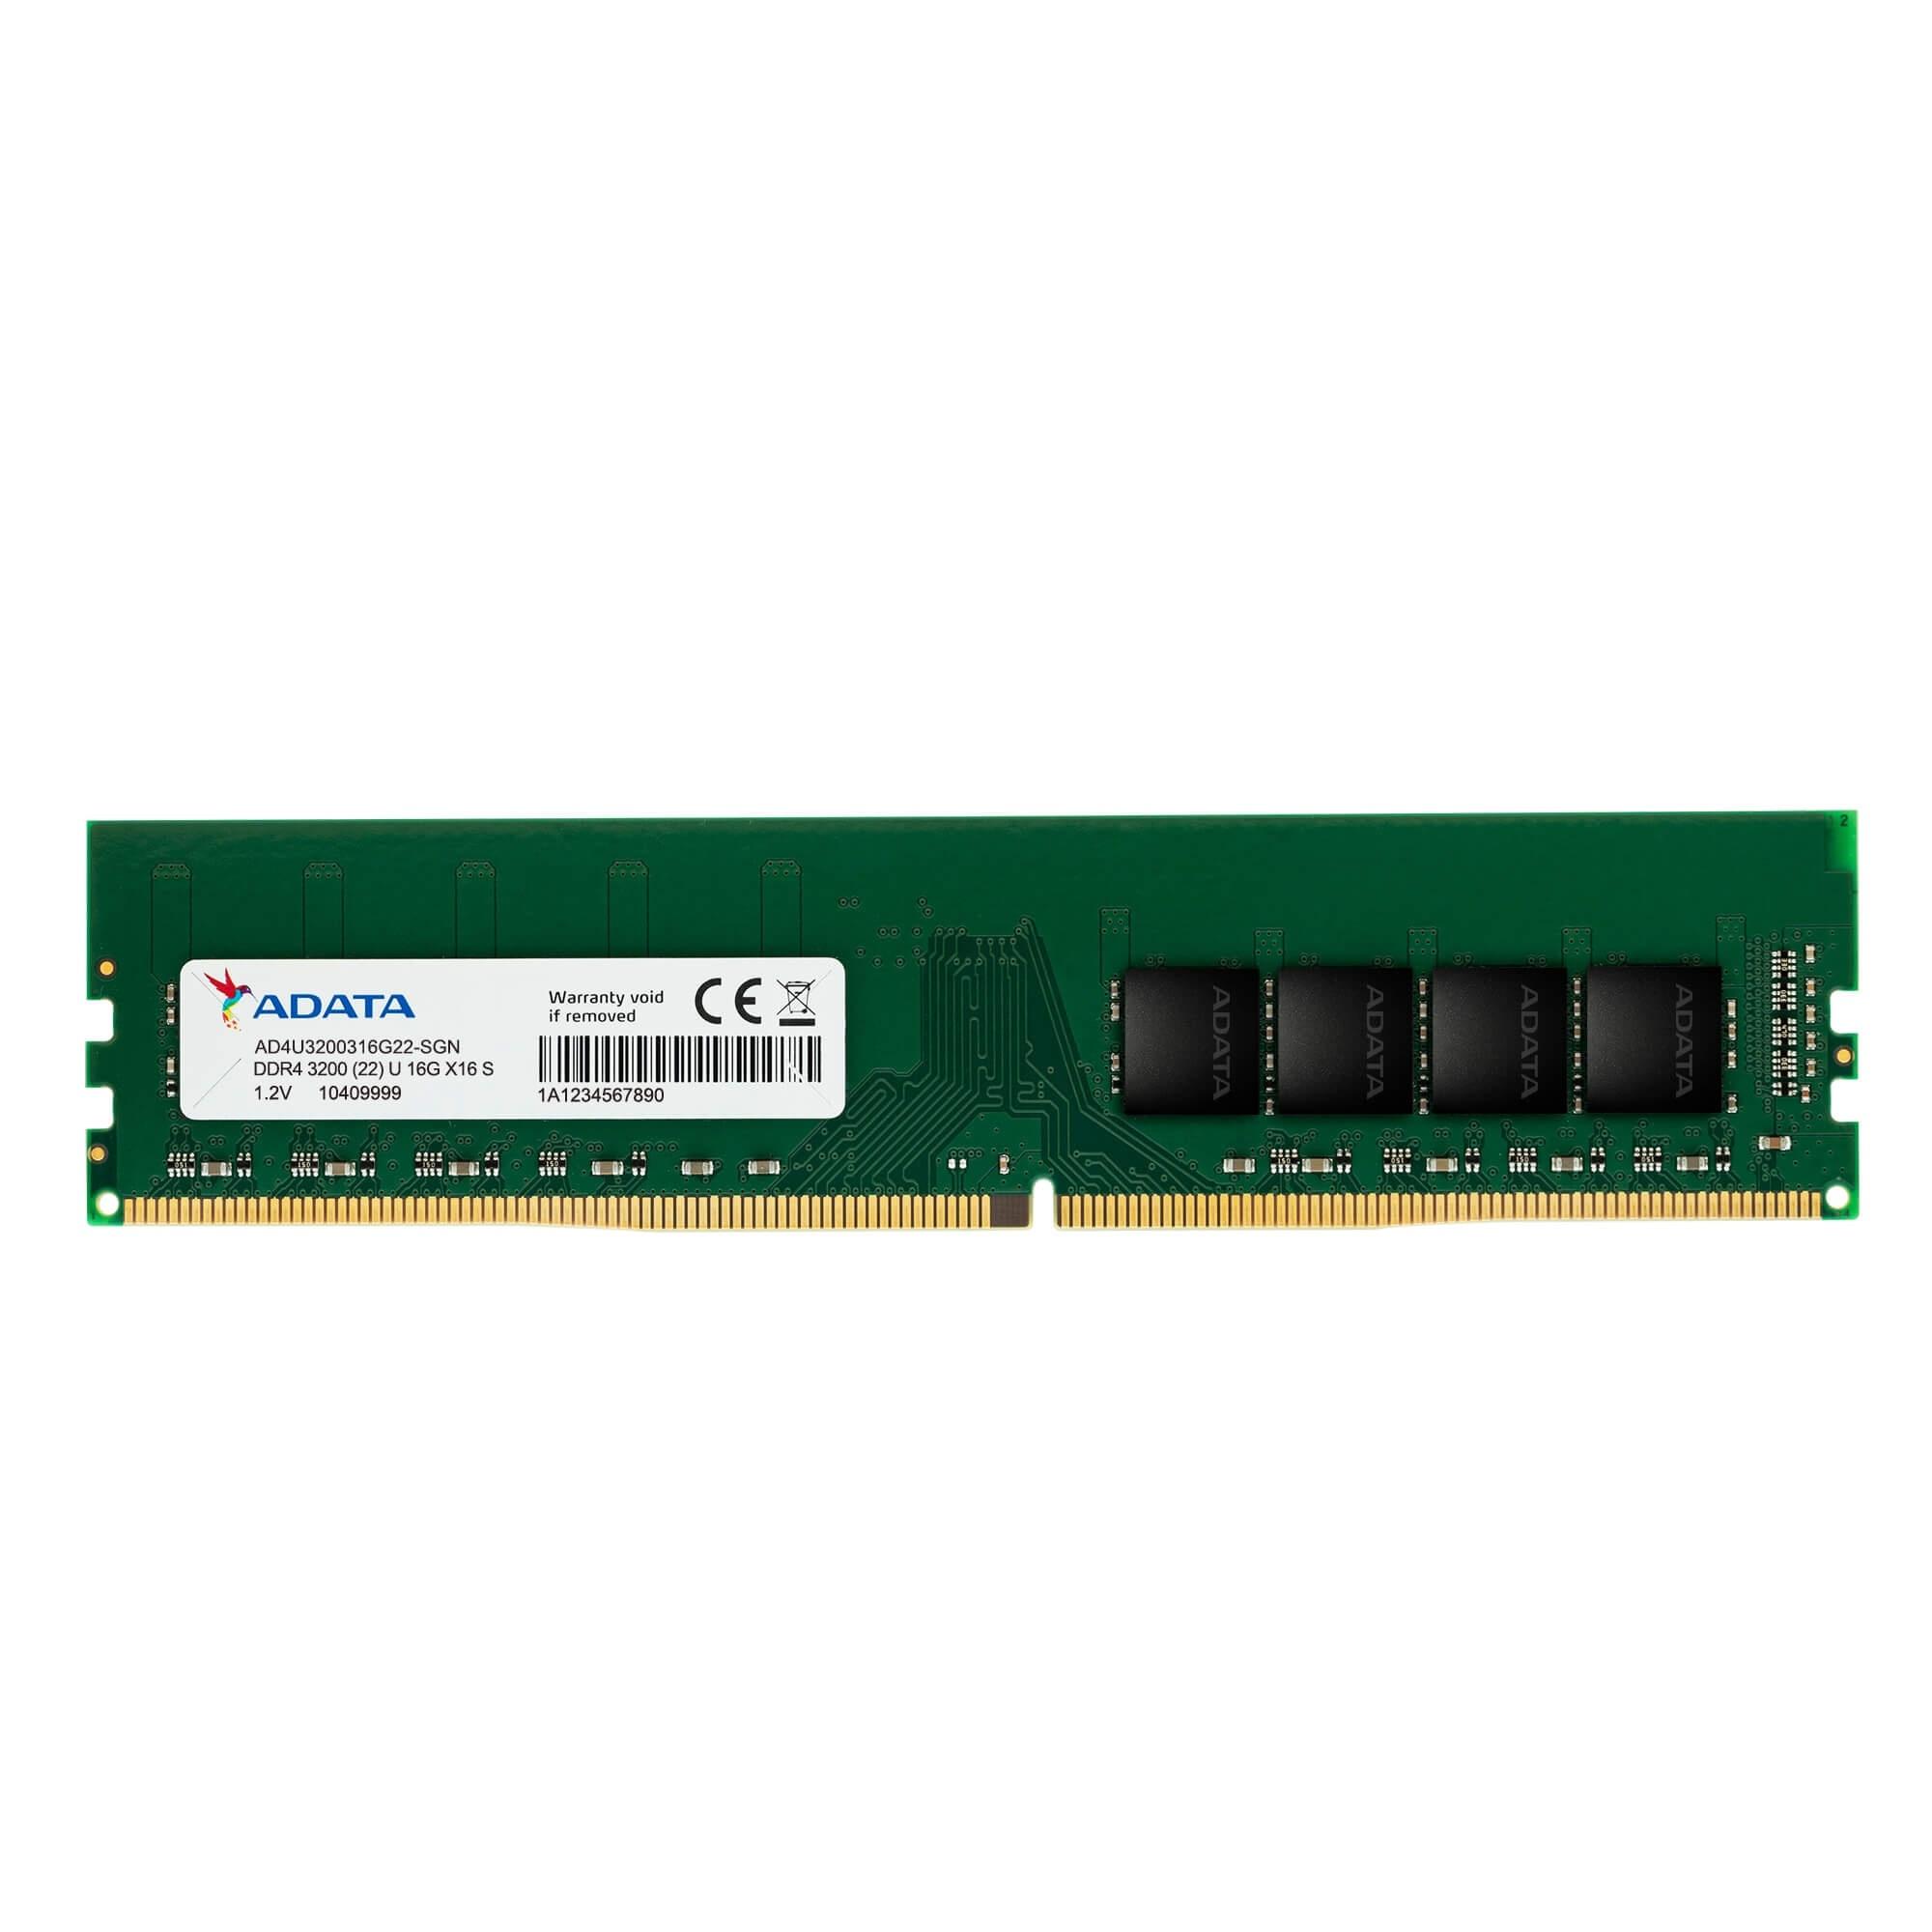 Adata Premier 8GB DDR4 3200 DIMM